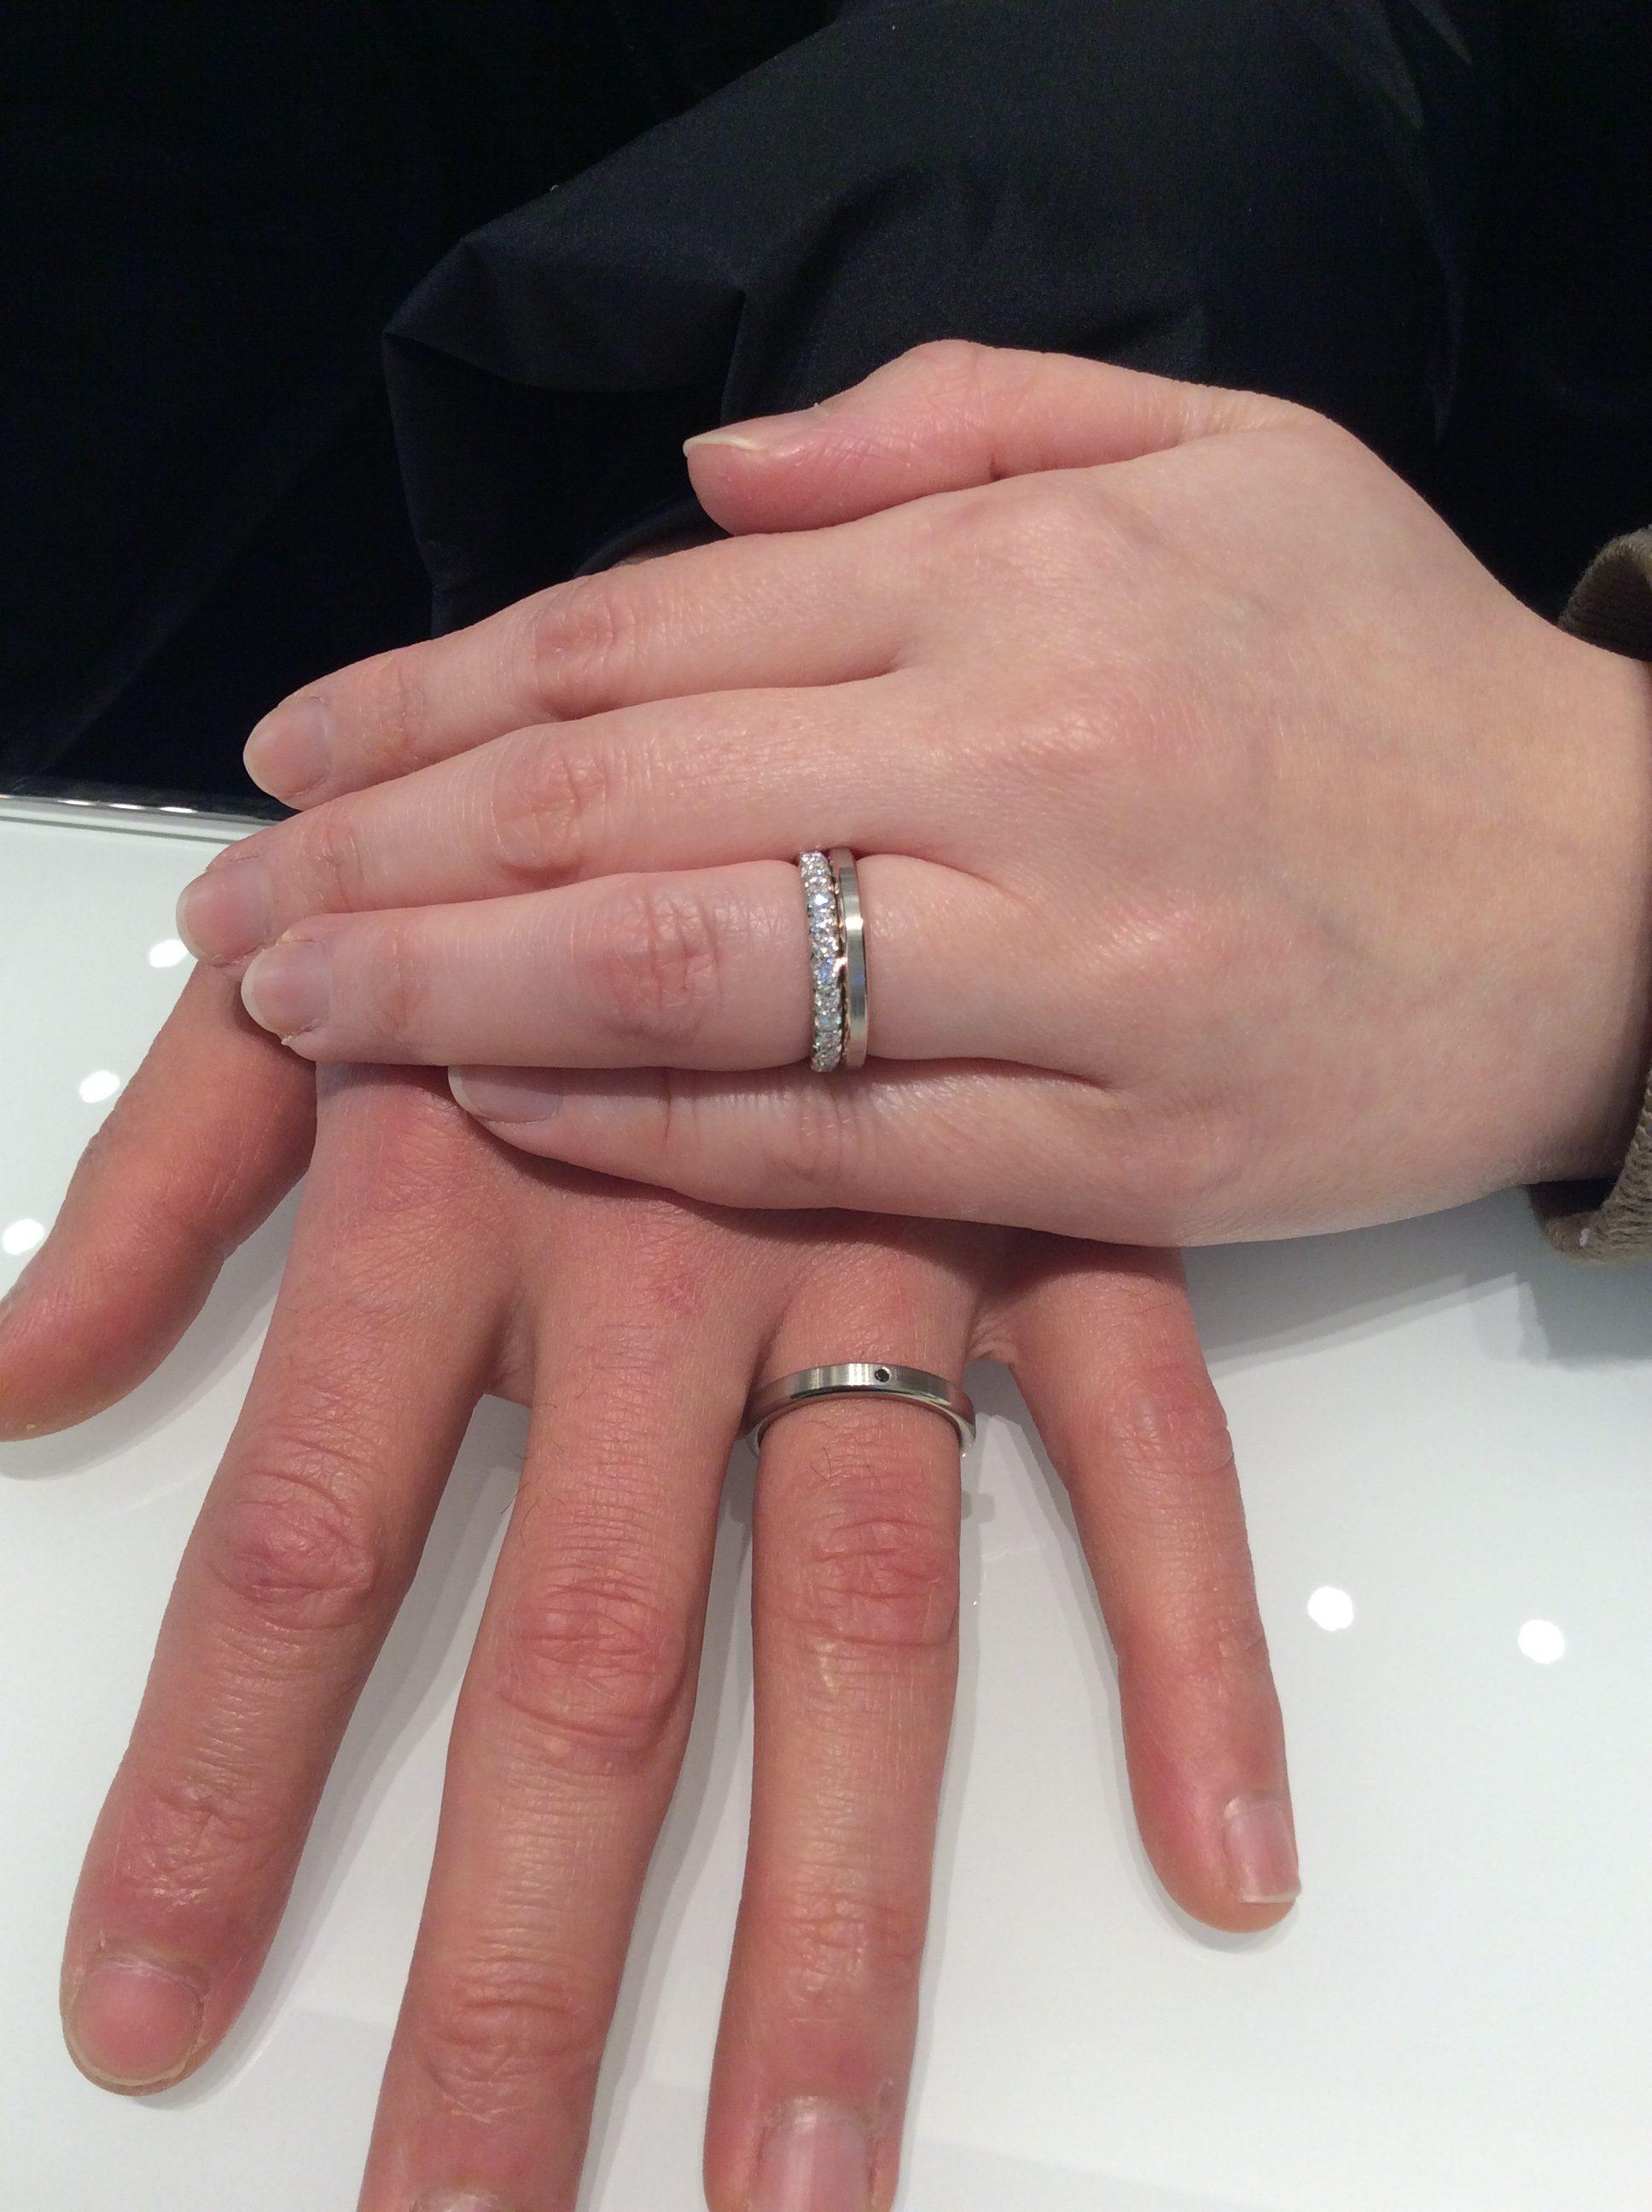 俄(にわか)の婚約指輪&N.Y.俄(ニューヨーク俄)の結婚指輪をご成約/Y様&S様